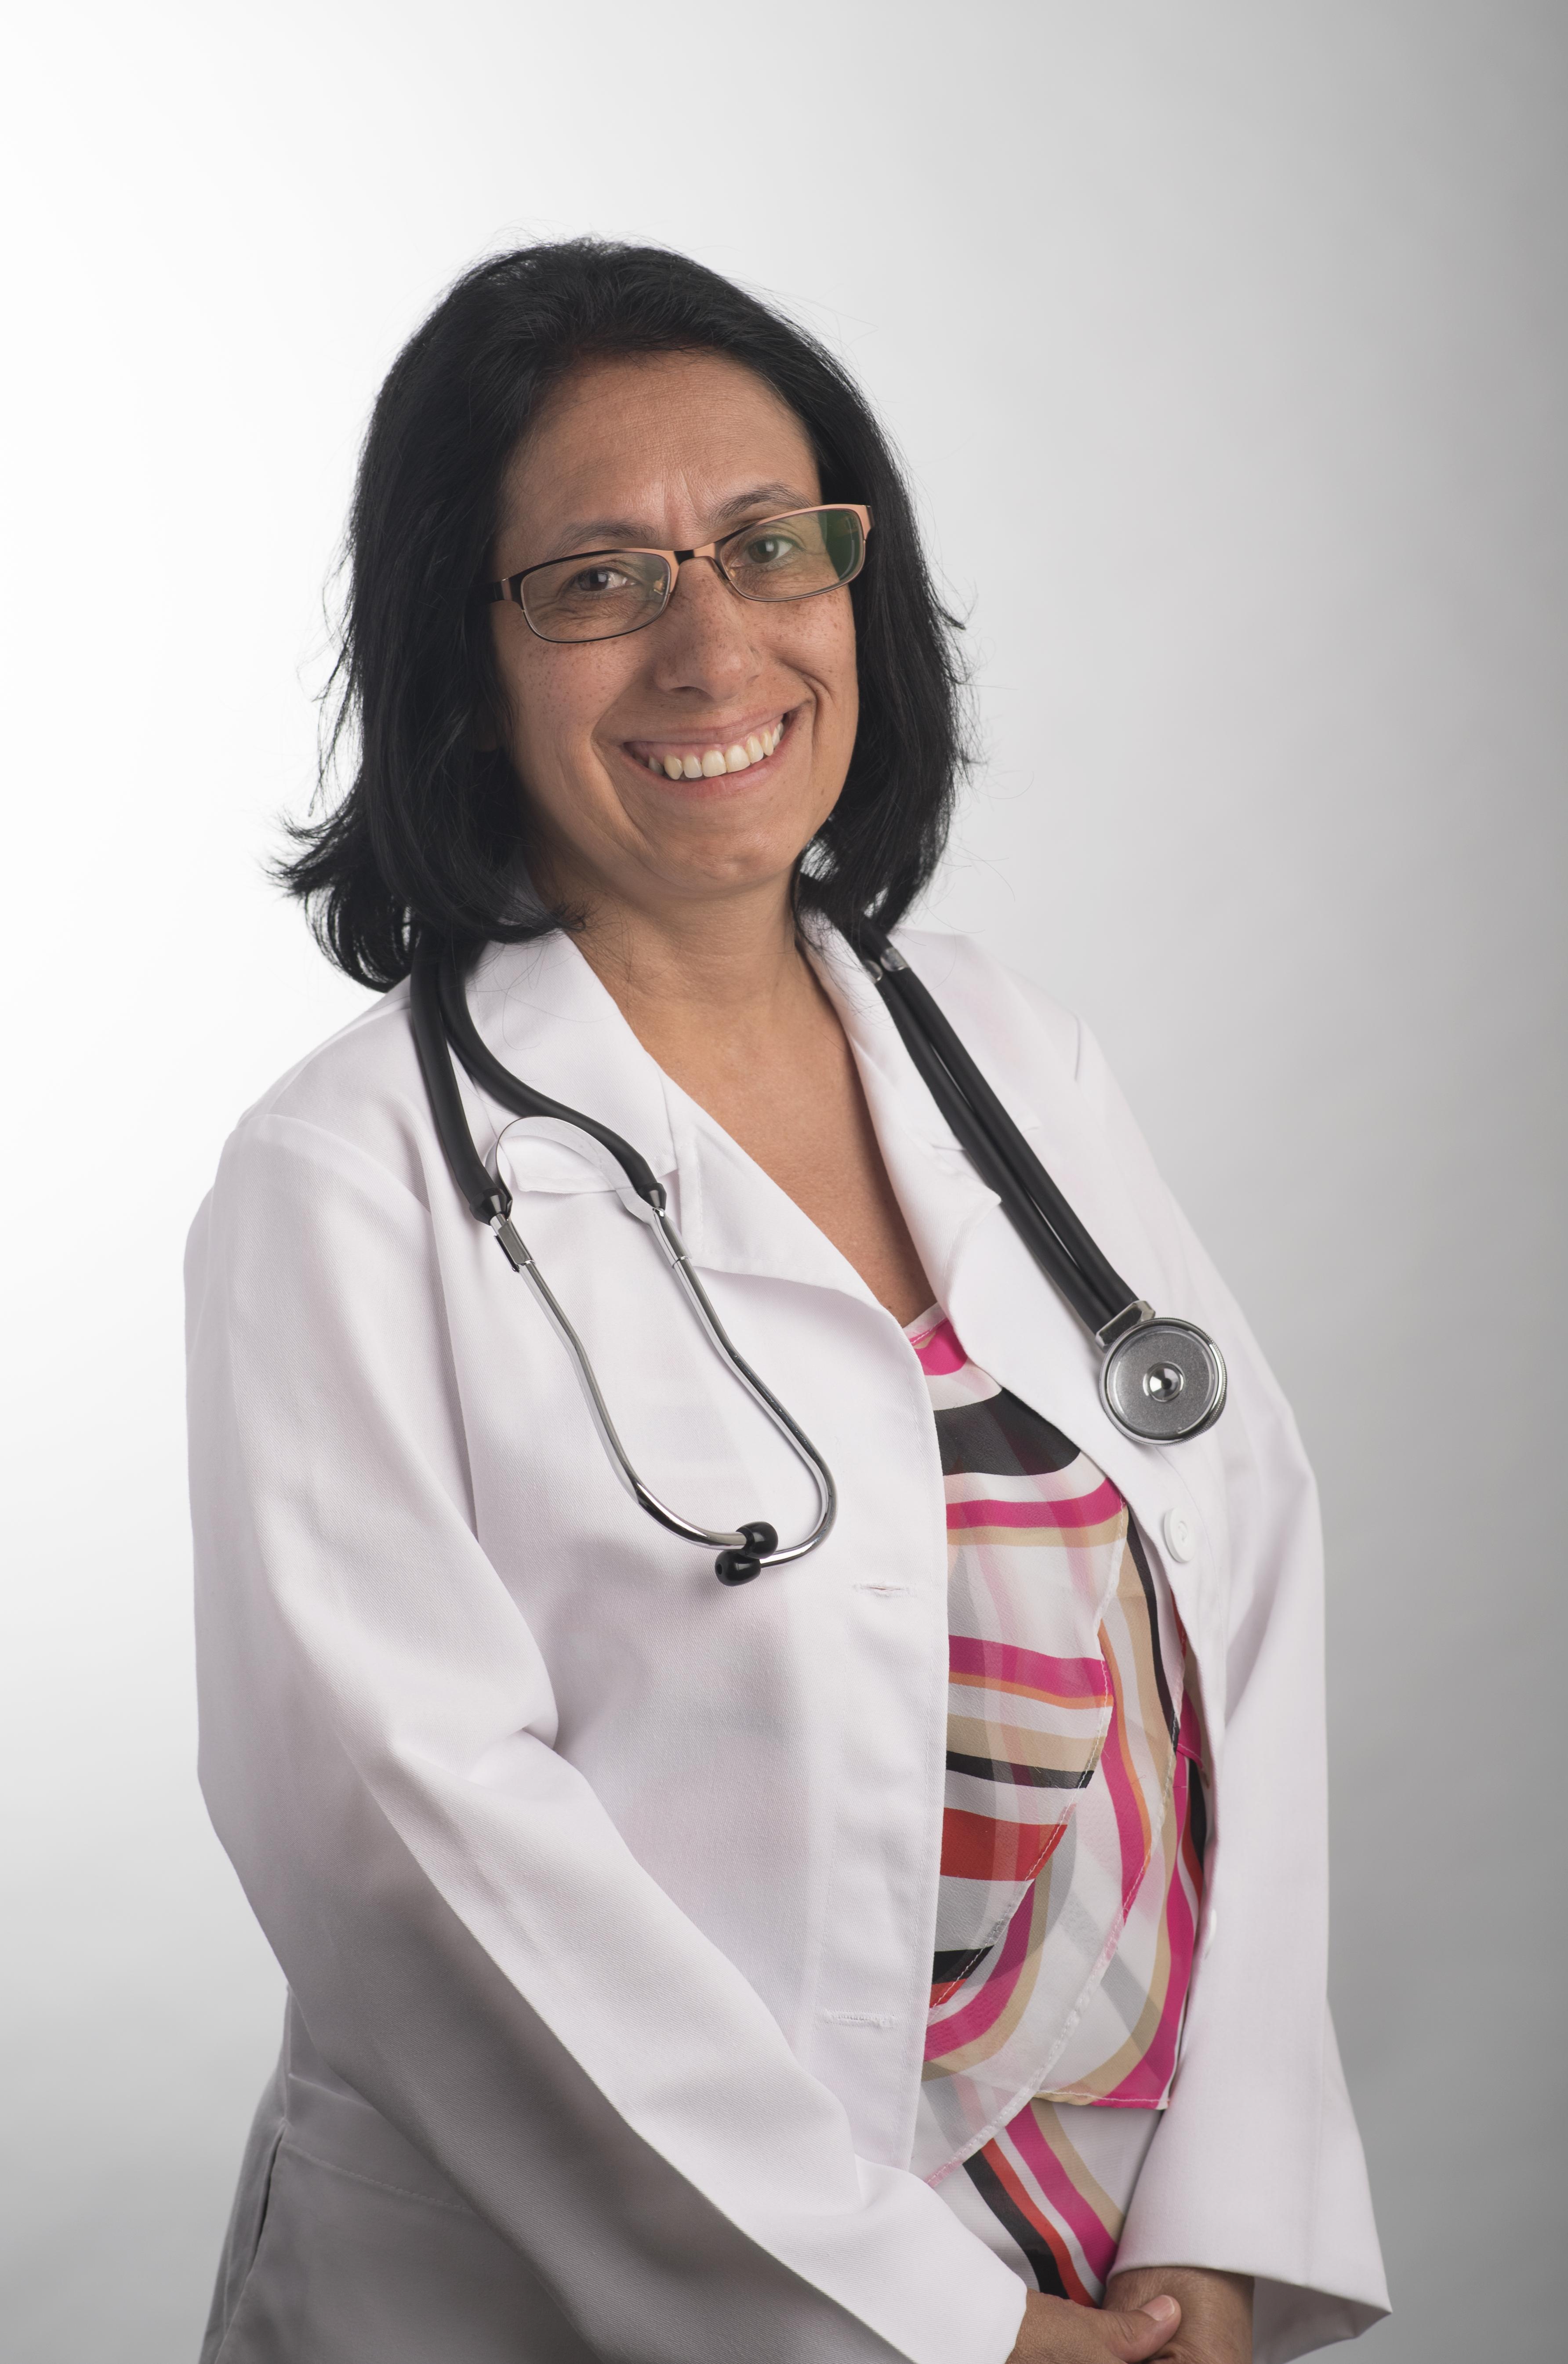 Sheila Gonzalez, MD